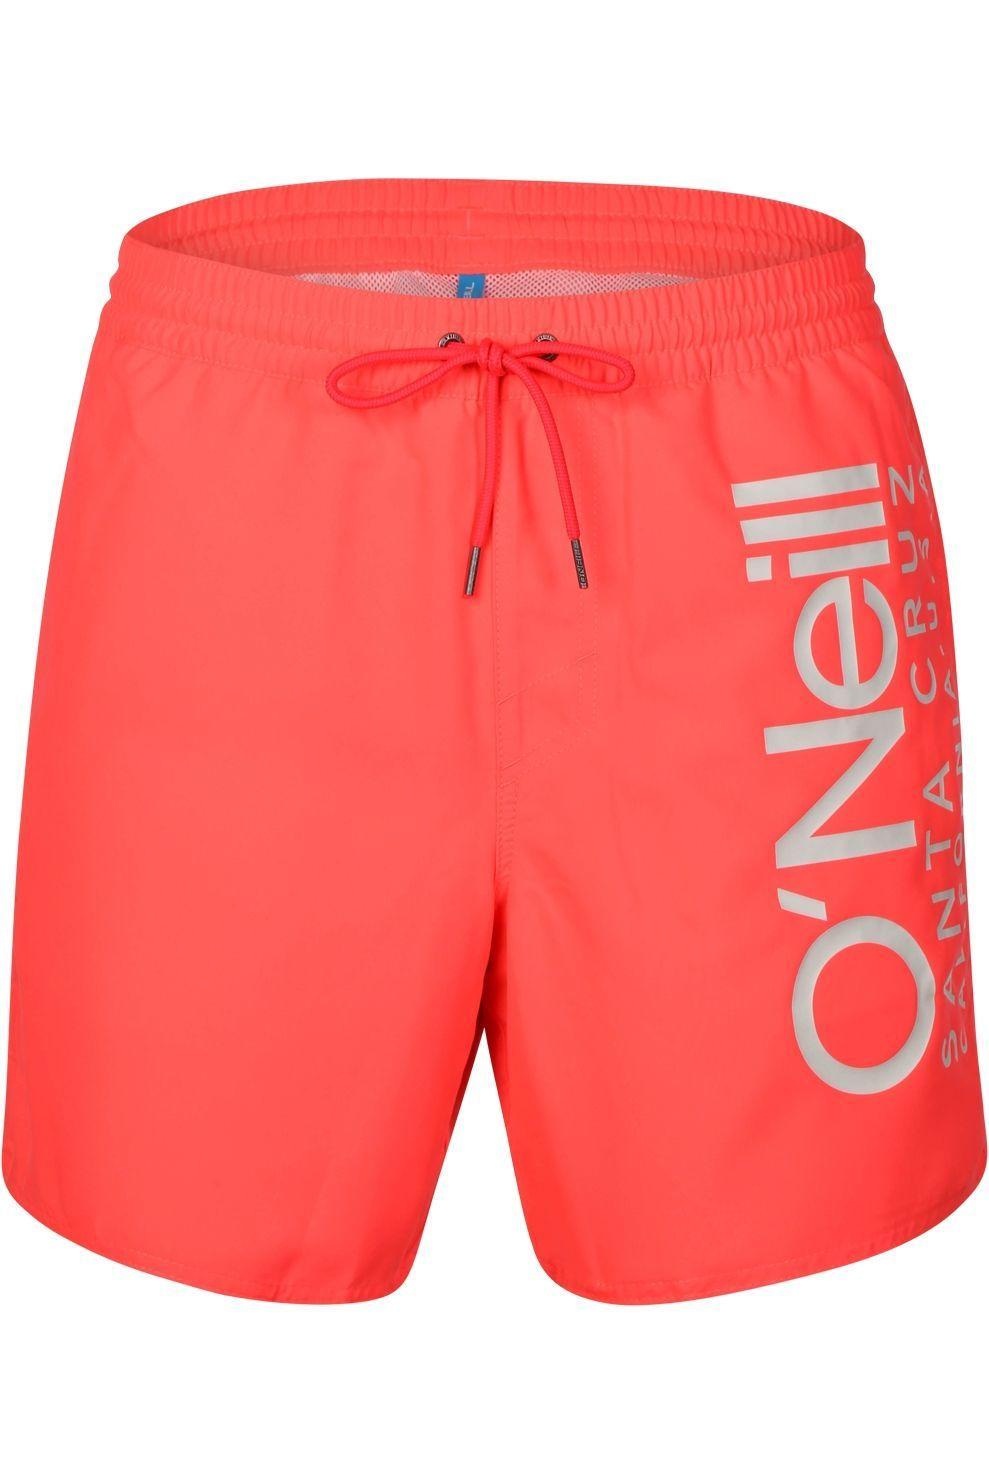 O'Neill Zwemshort Pm Original Cali voor heren - Rood - Maten: XS, S, M, L, XL, XXL